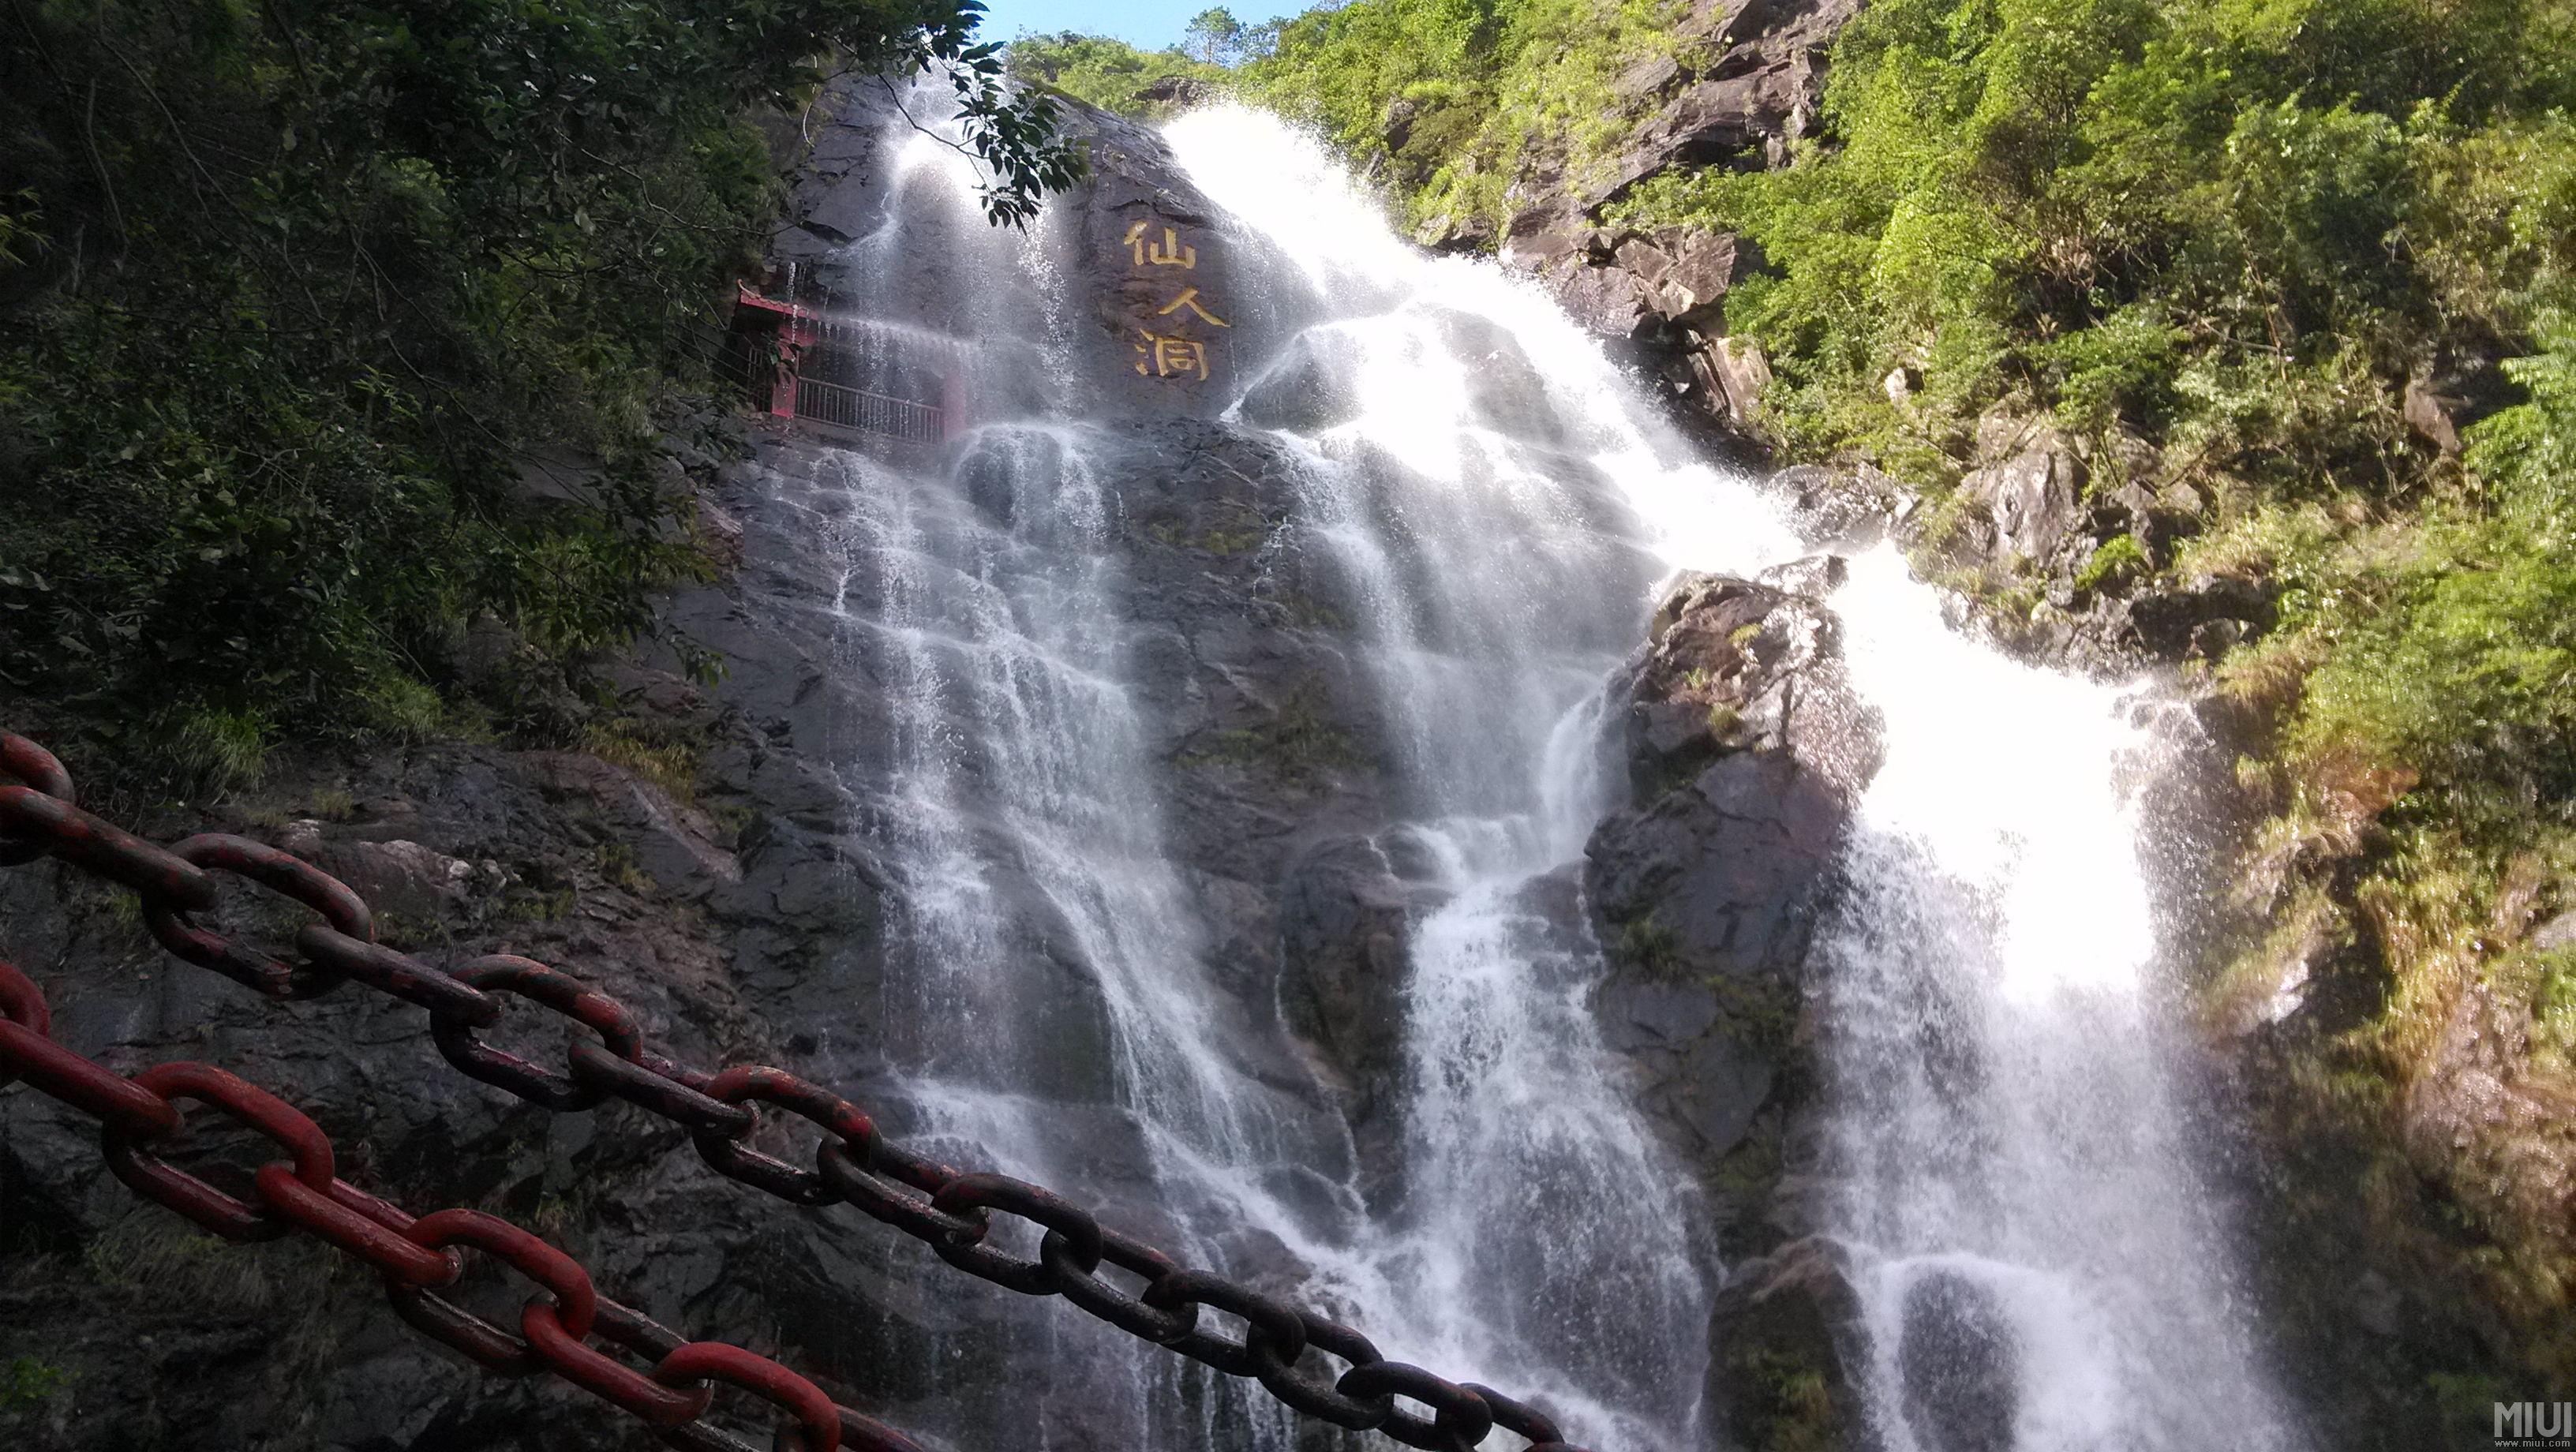 壁纸 风景 旅游 瀑布 山水 桌面 3264_1840